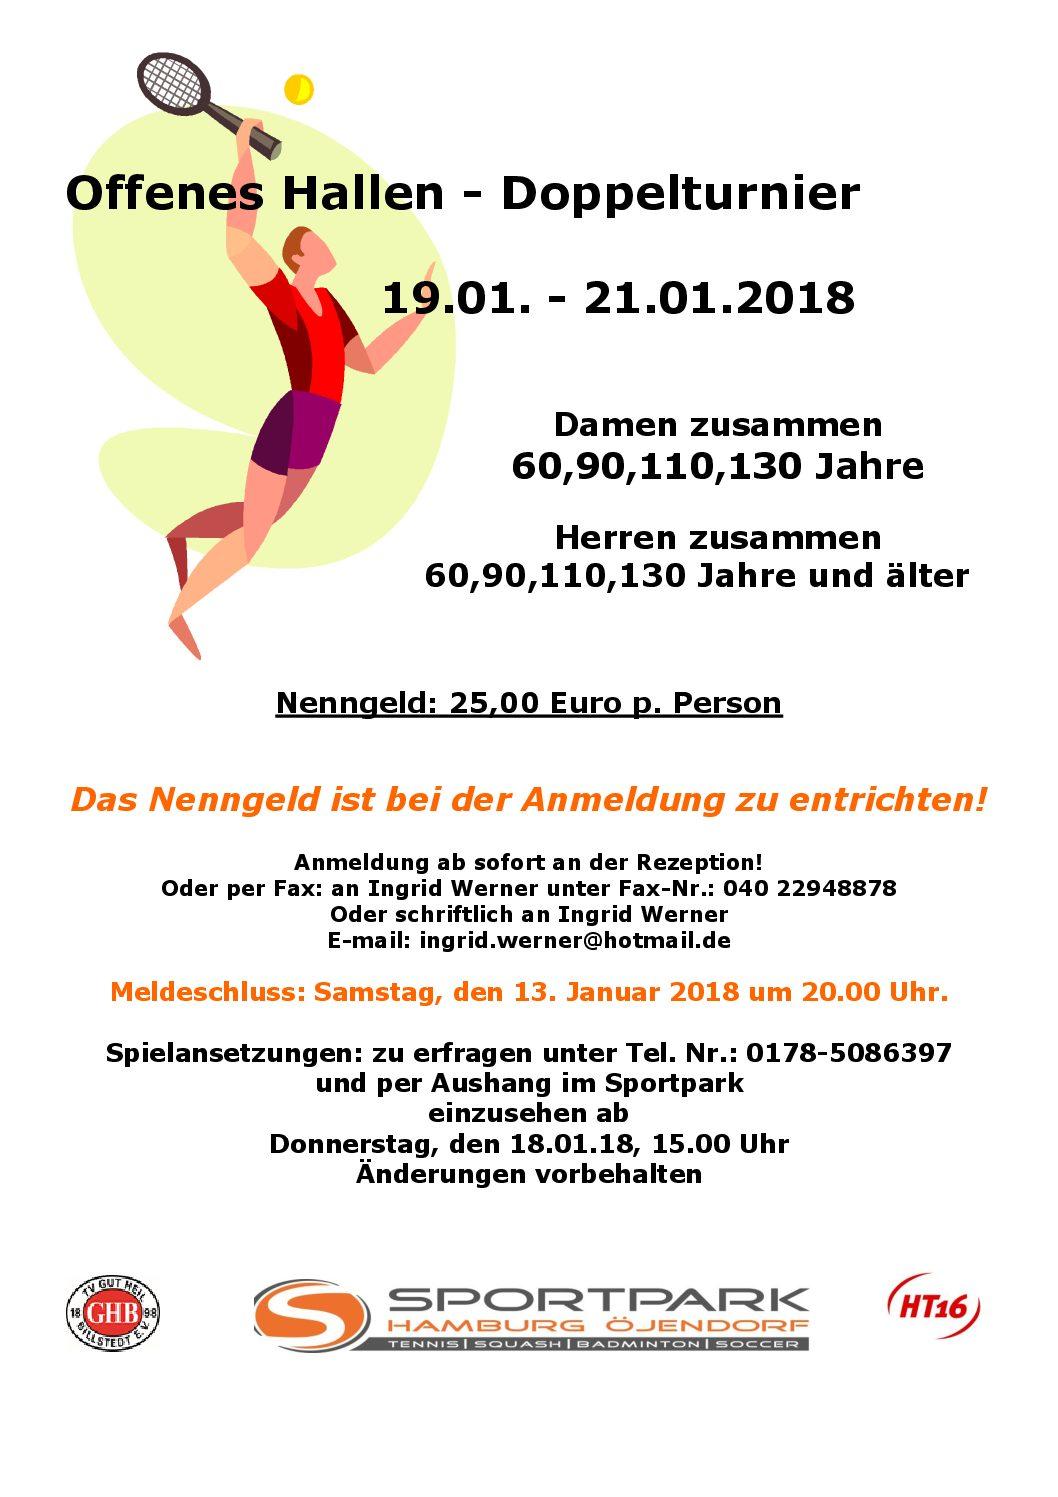 Offenes Hallen-Doppelturnier vom 19.01. bis21.01.2018